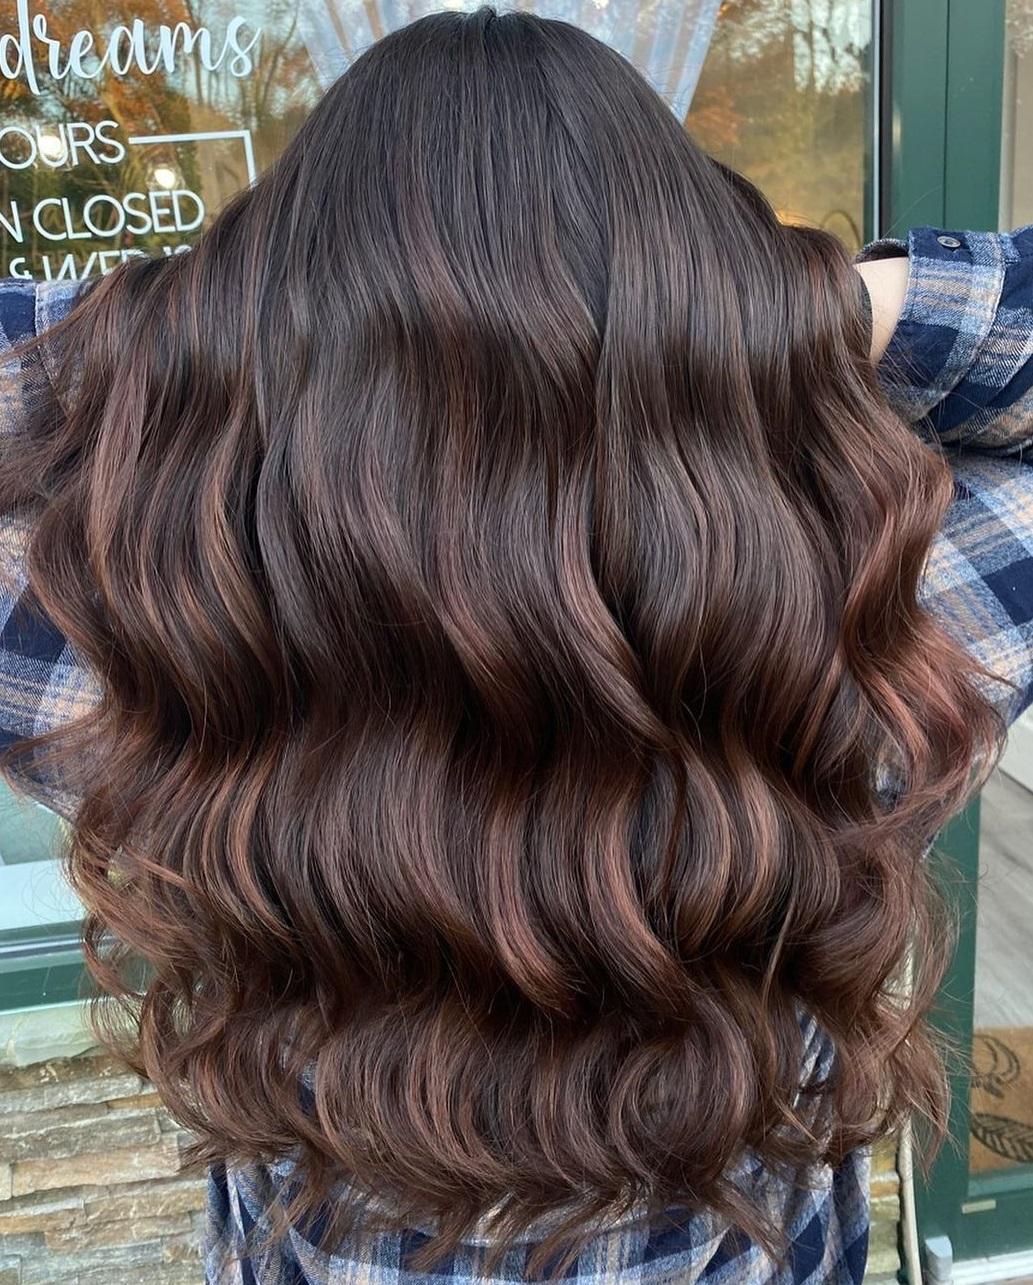 Deep Burgundy Brown Balayage Hair